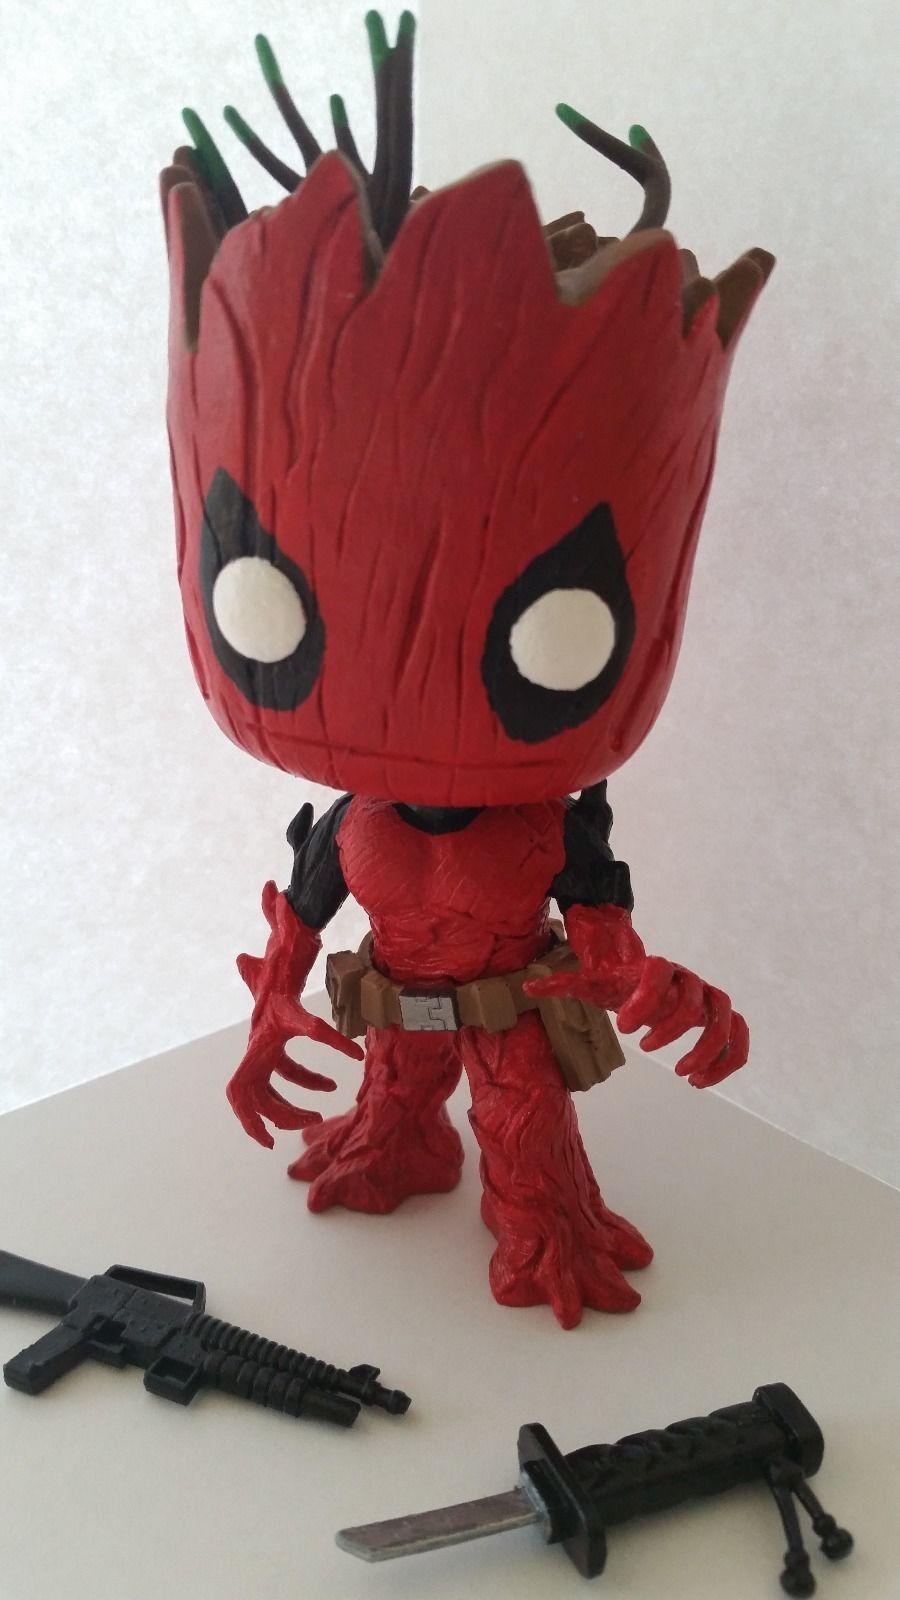 Funko Pop Groot Deadpool 49 Dbeck Customs Interchangeable Weapons | eBay DESPERATELY NEED!